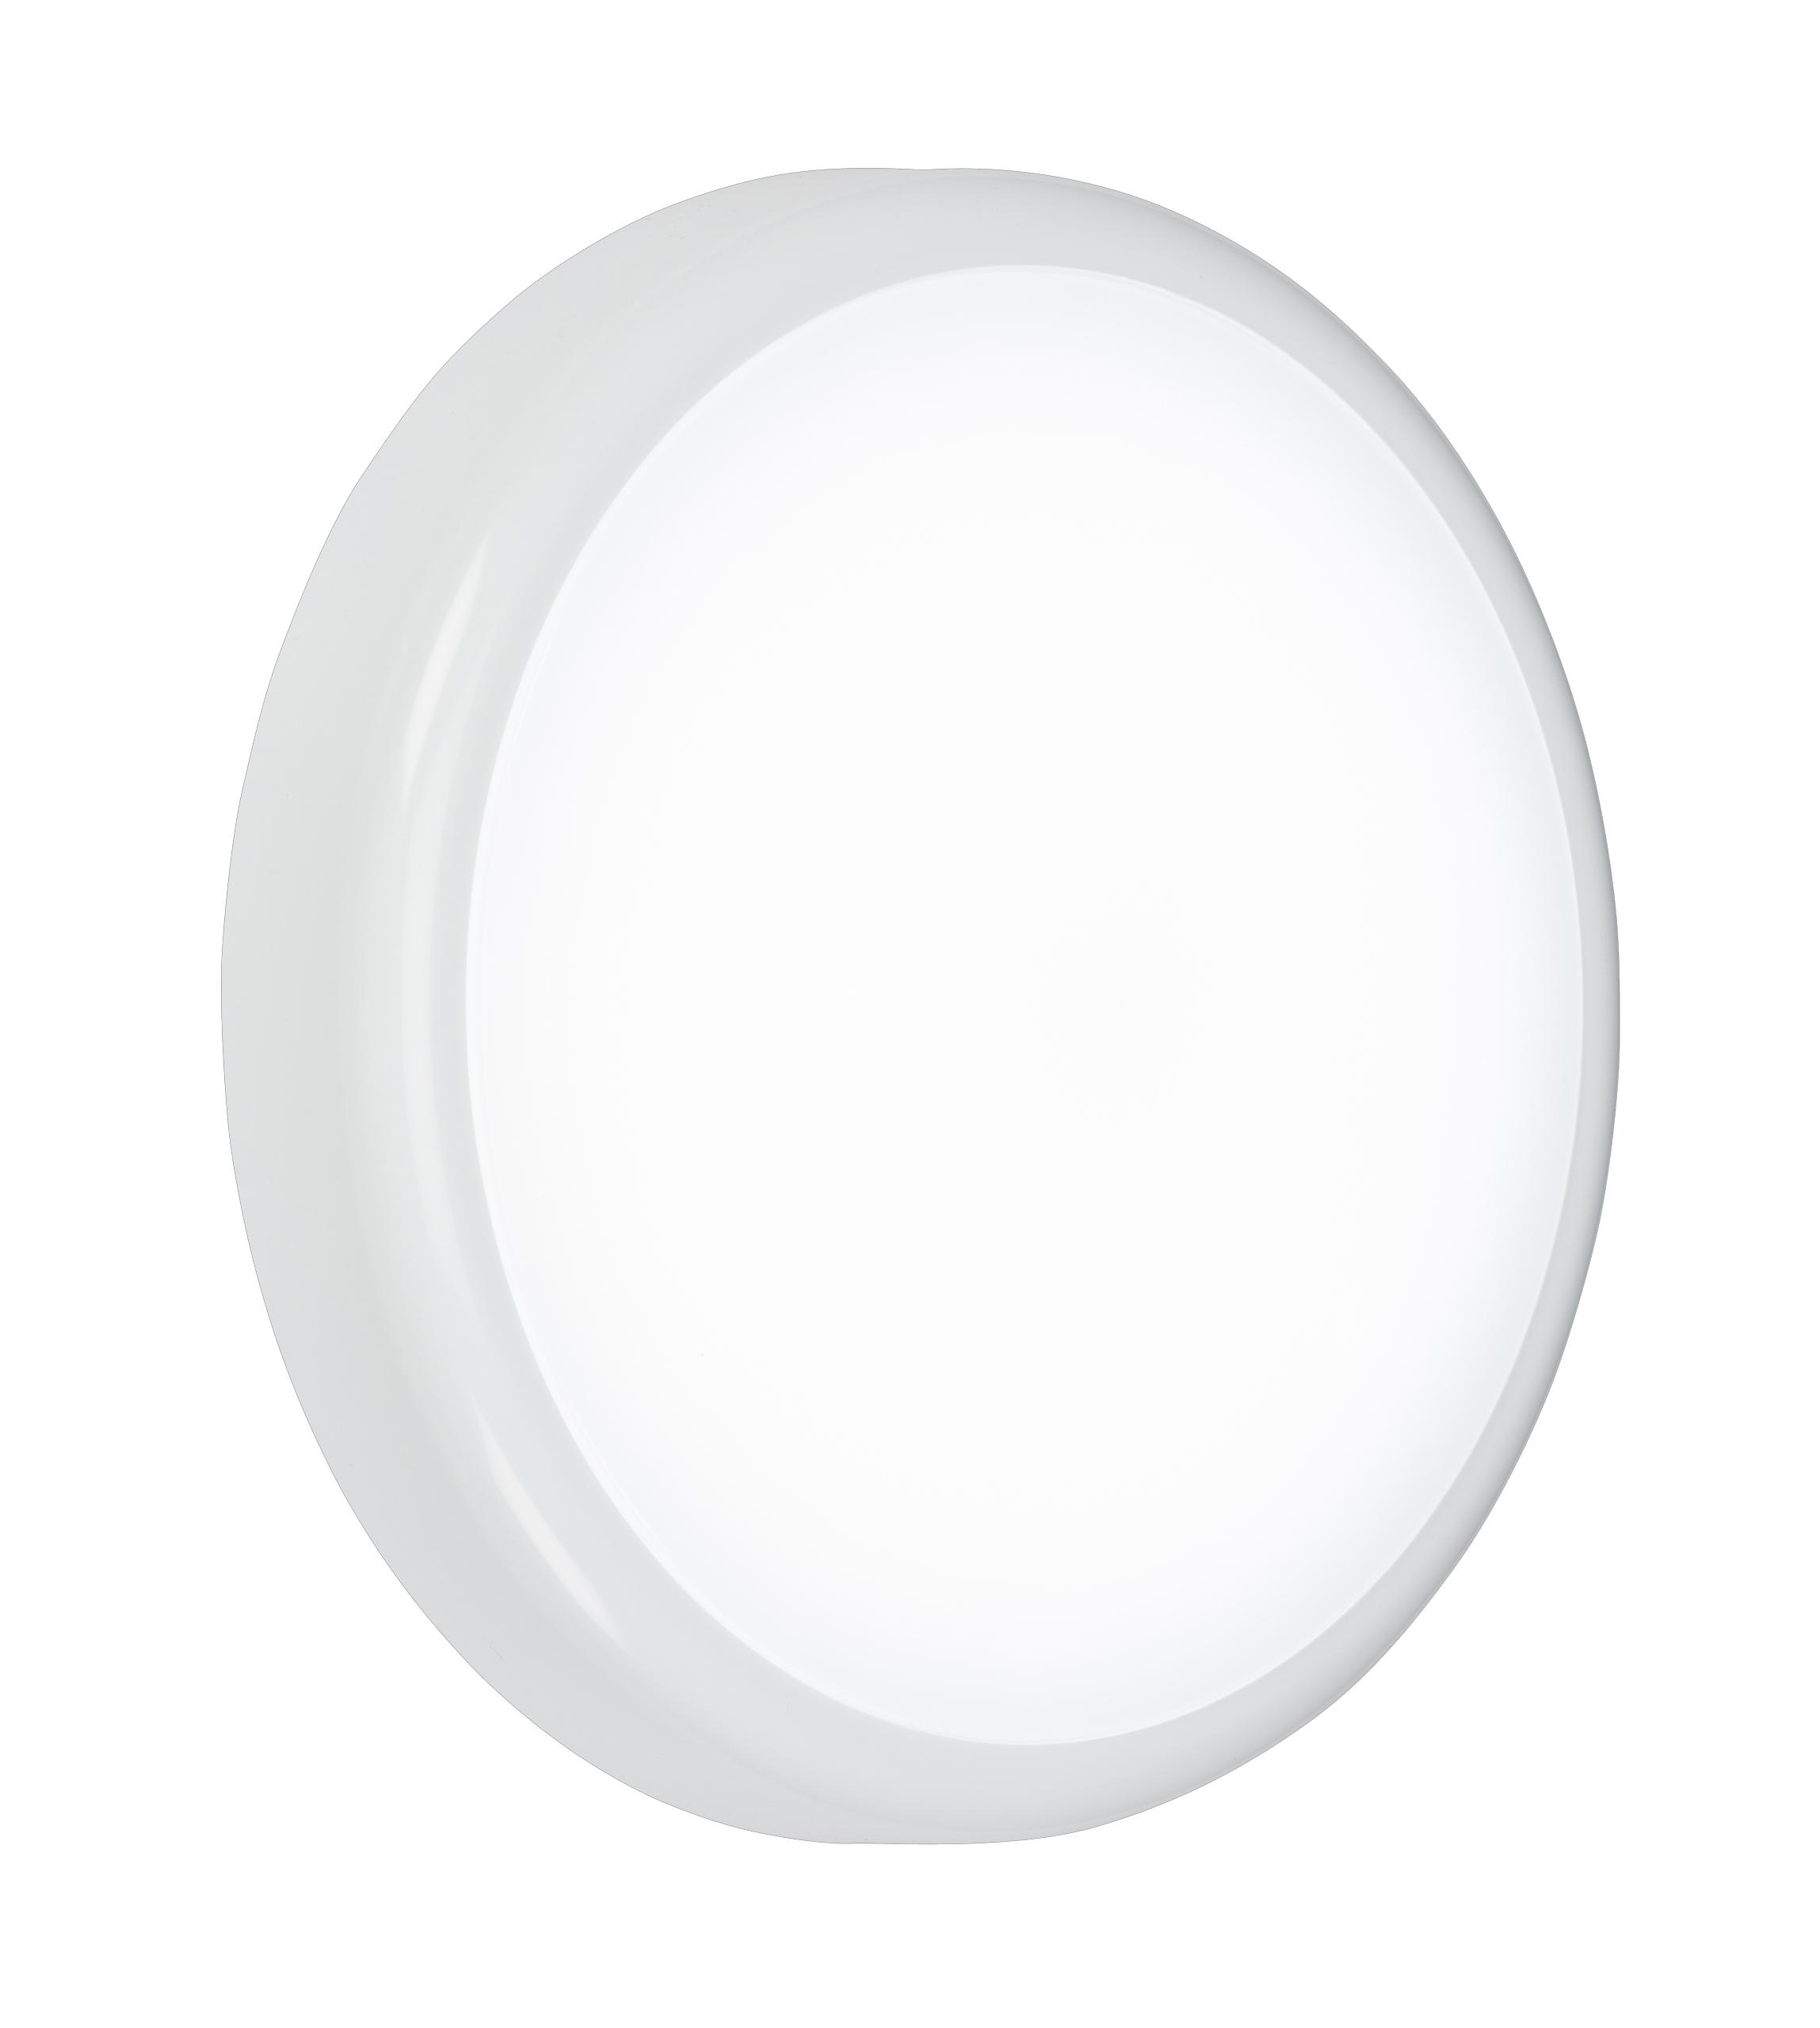 Trade LED 14W Bulkhead Eme Sensor 3k/4k/6k